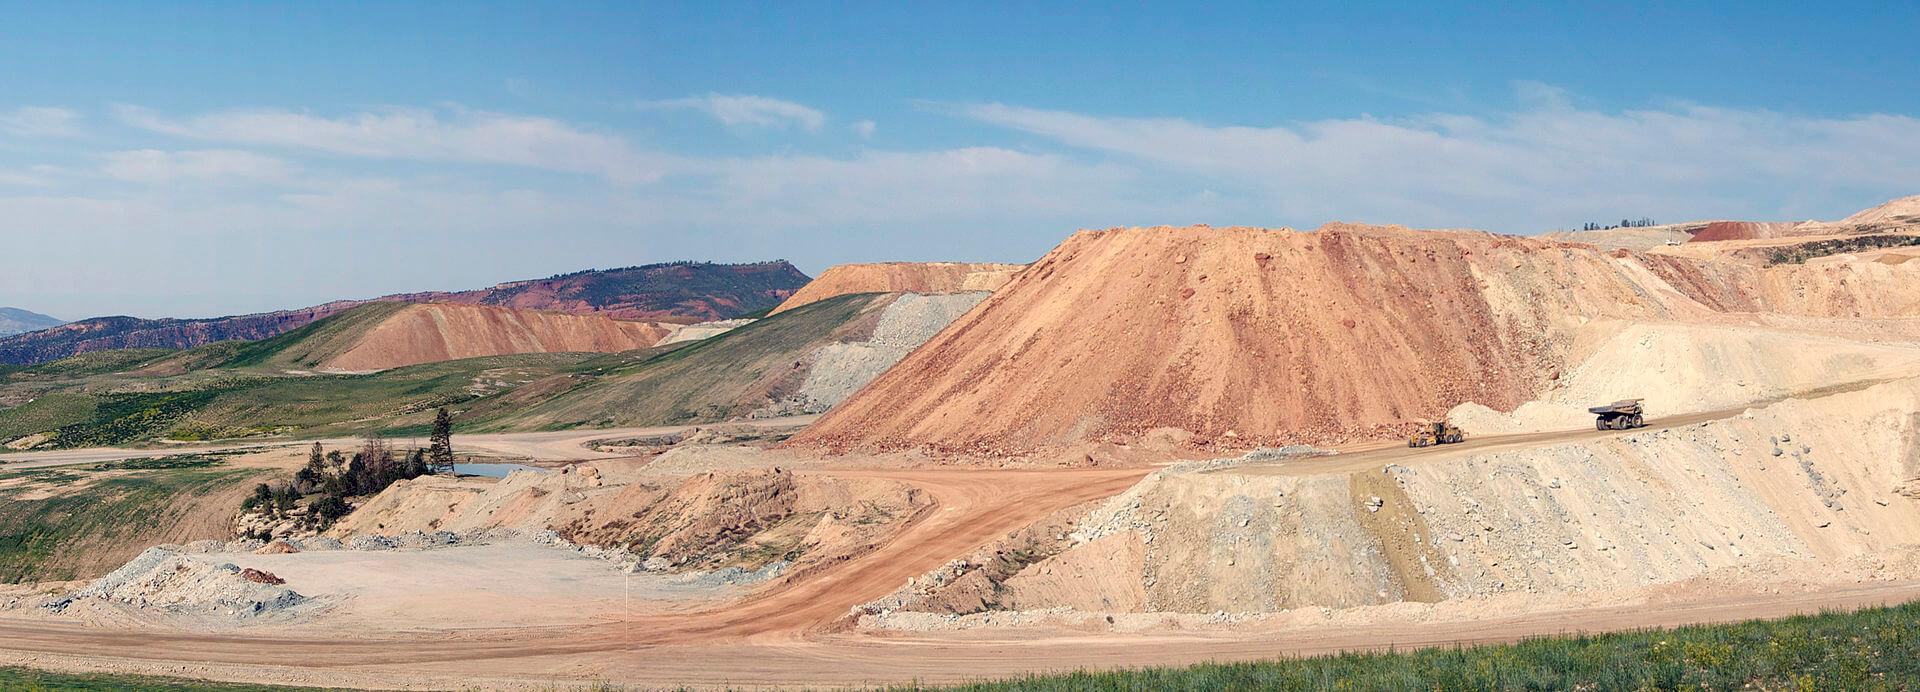 px phosphate mine panorama